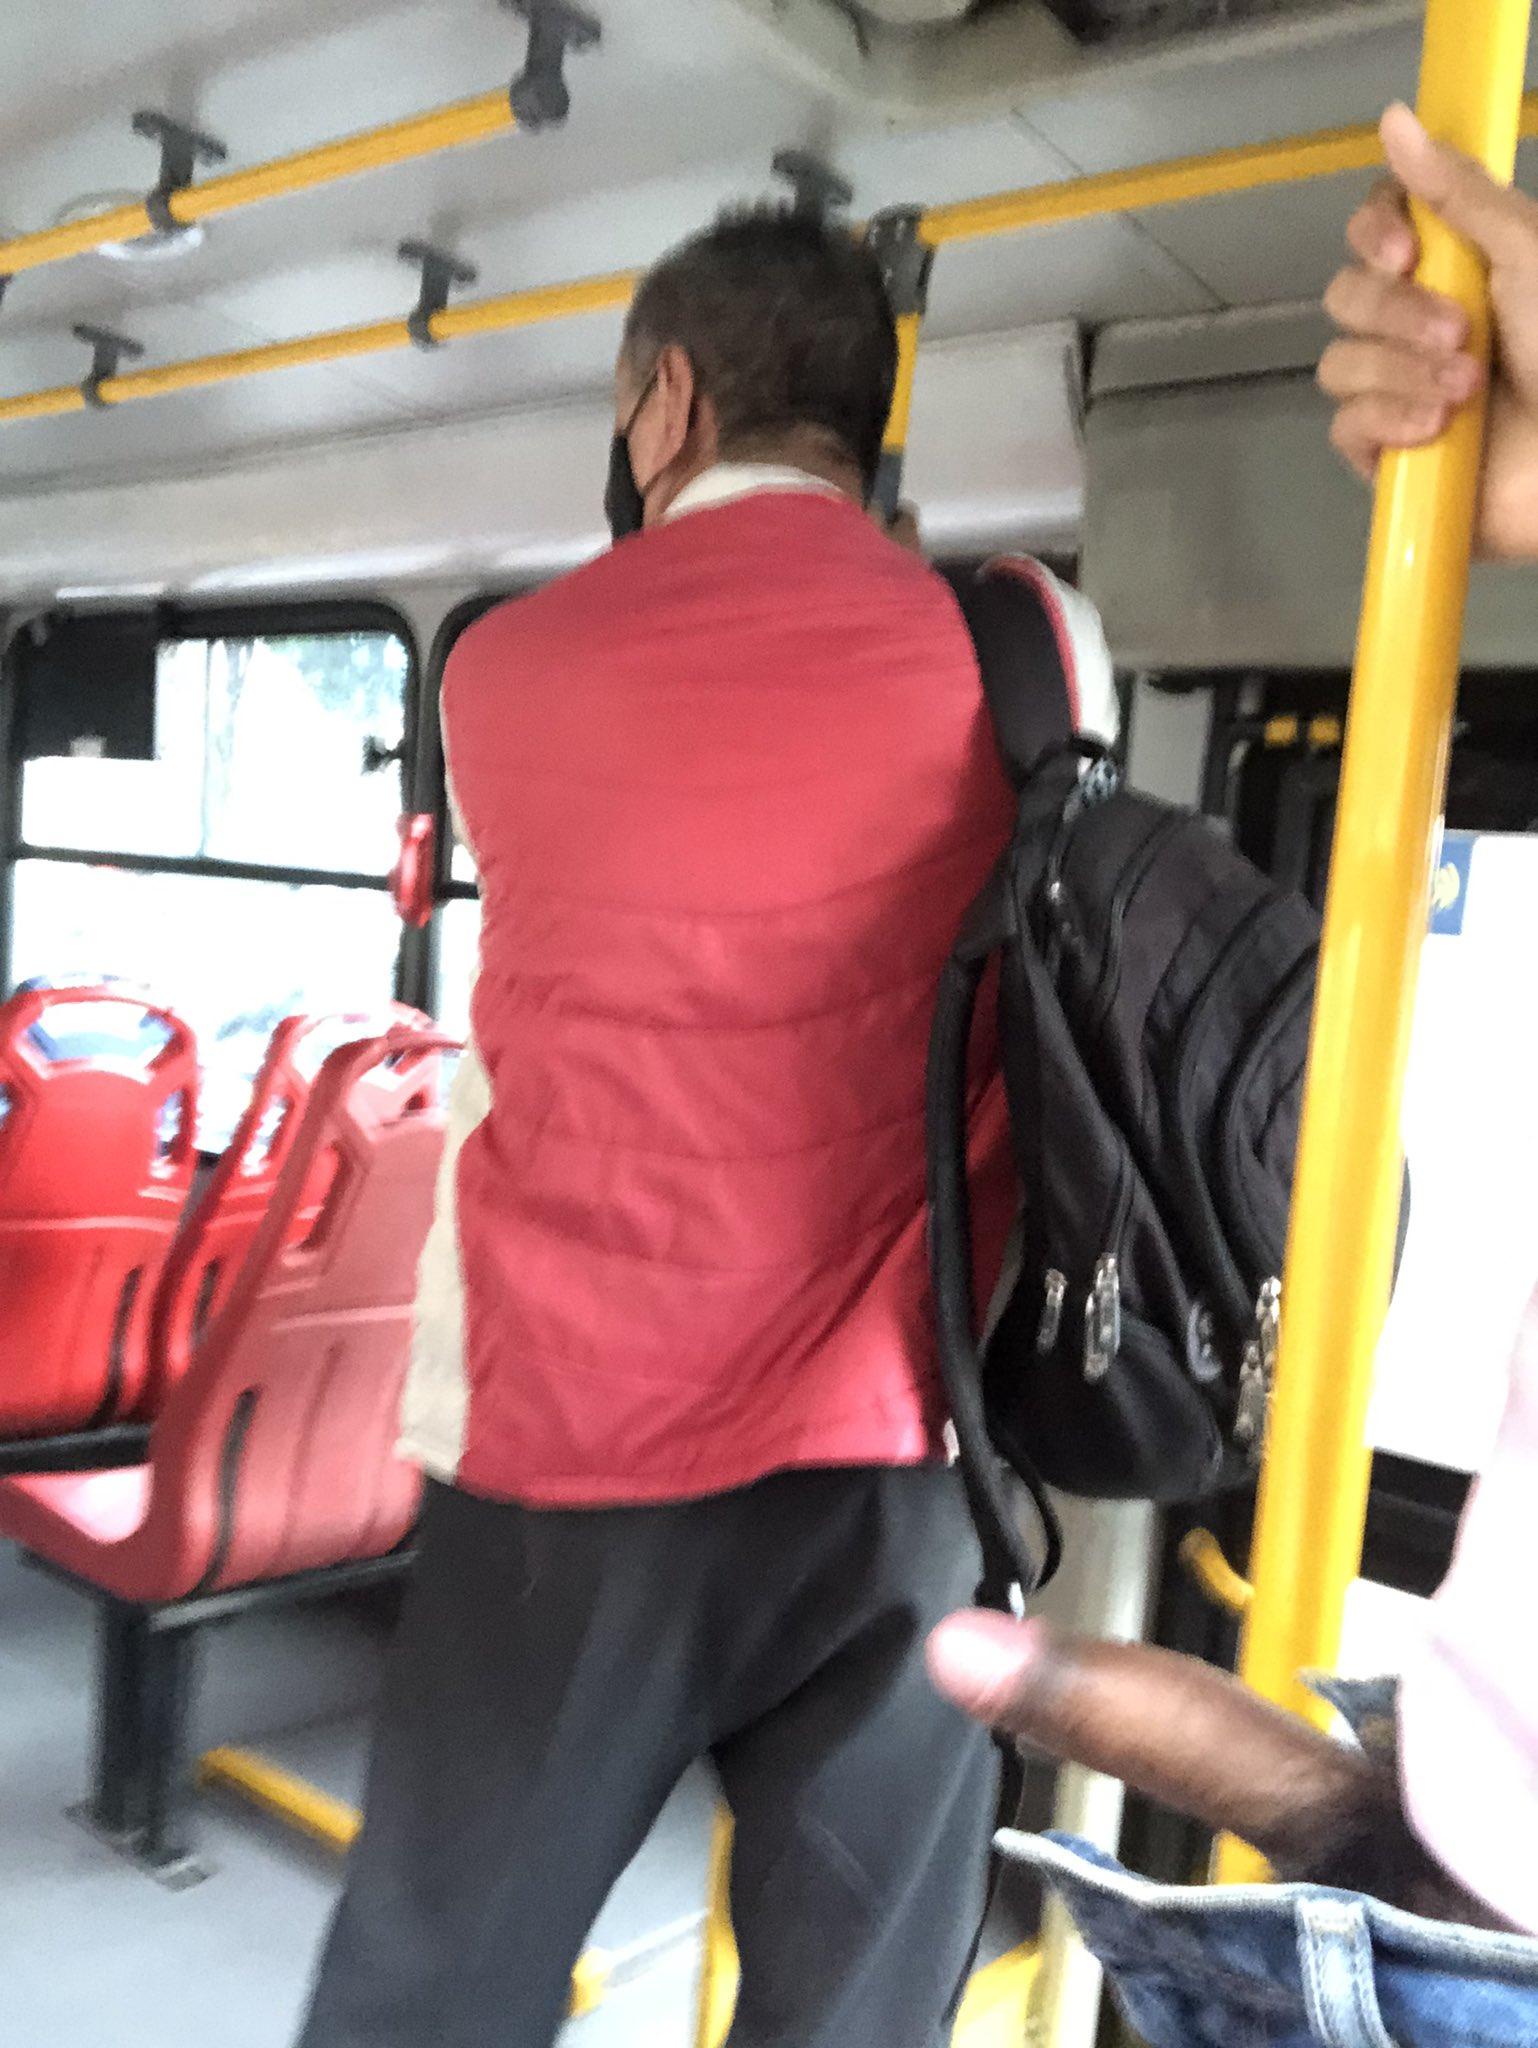 sacando el pene en un bus publico